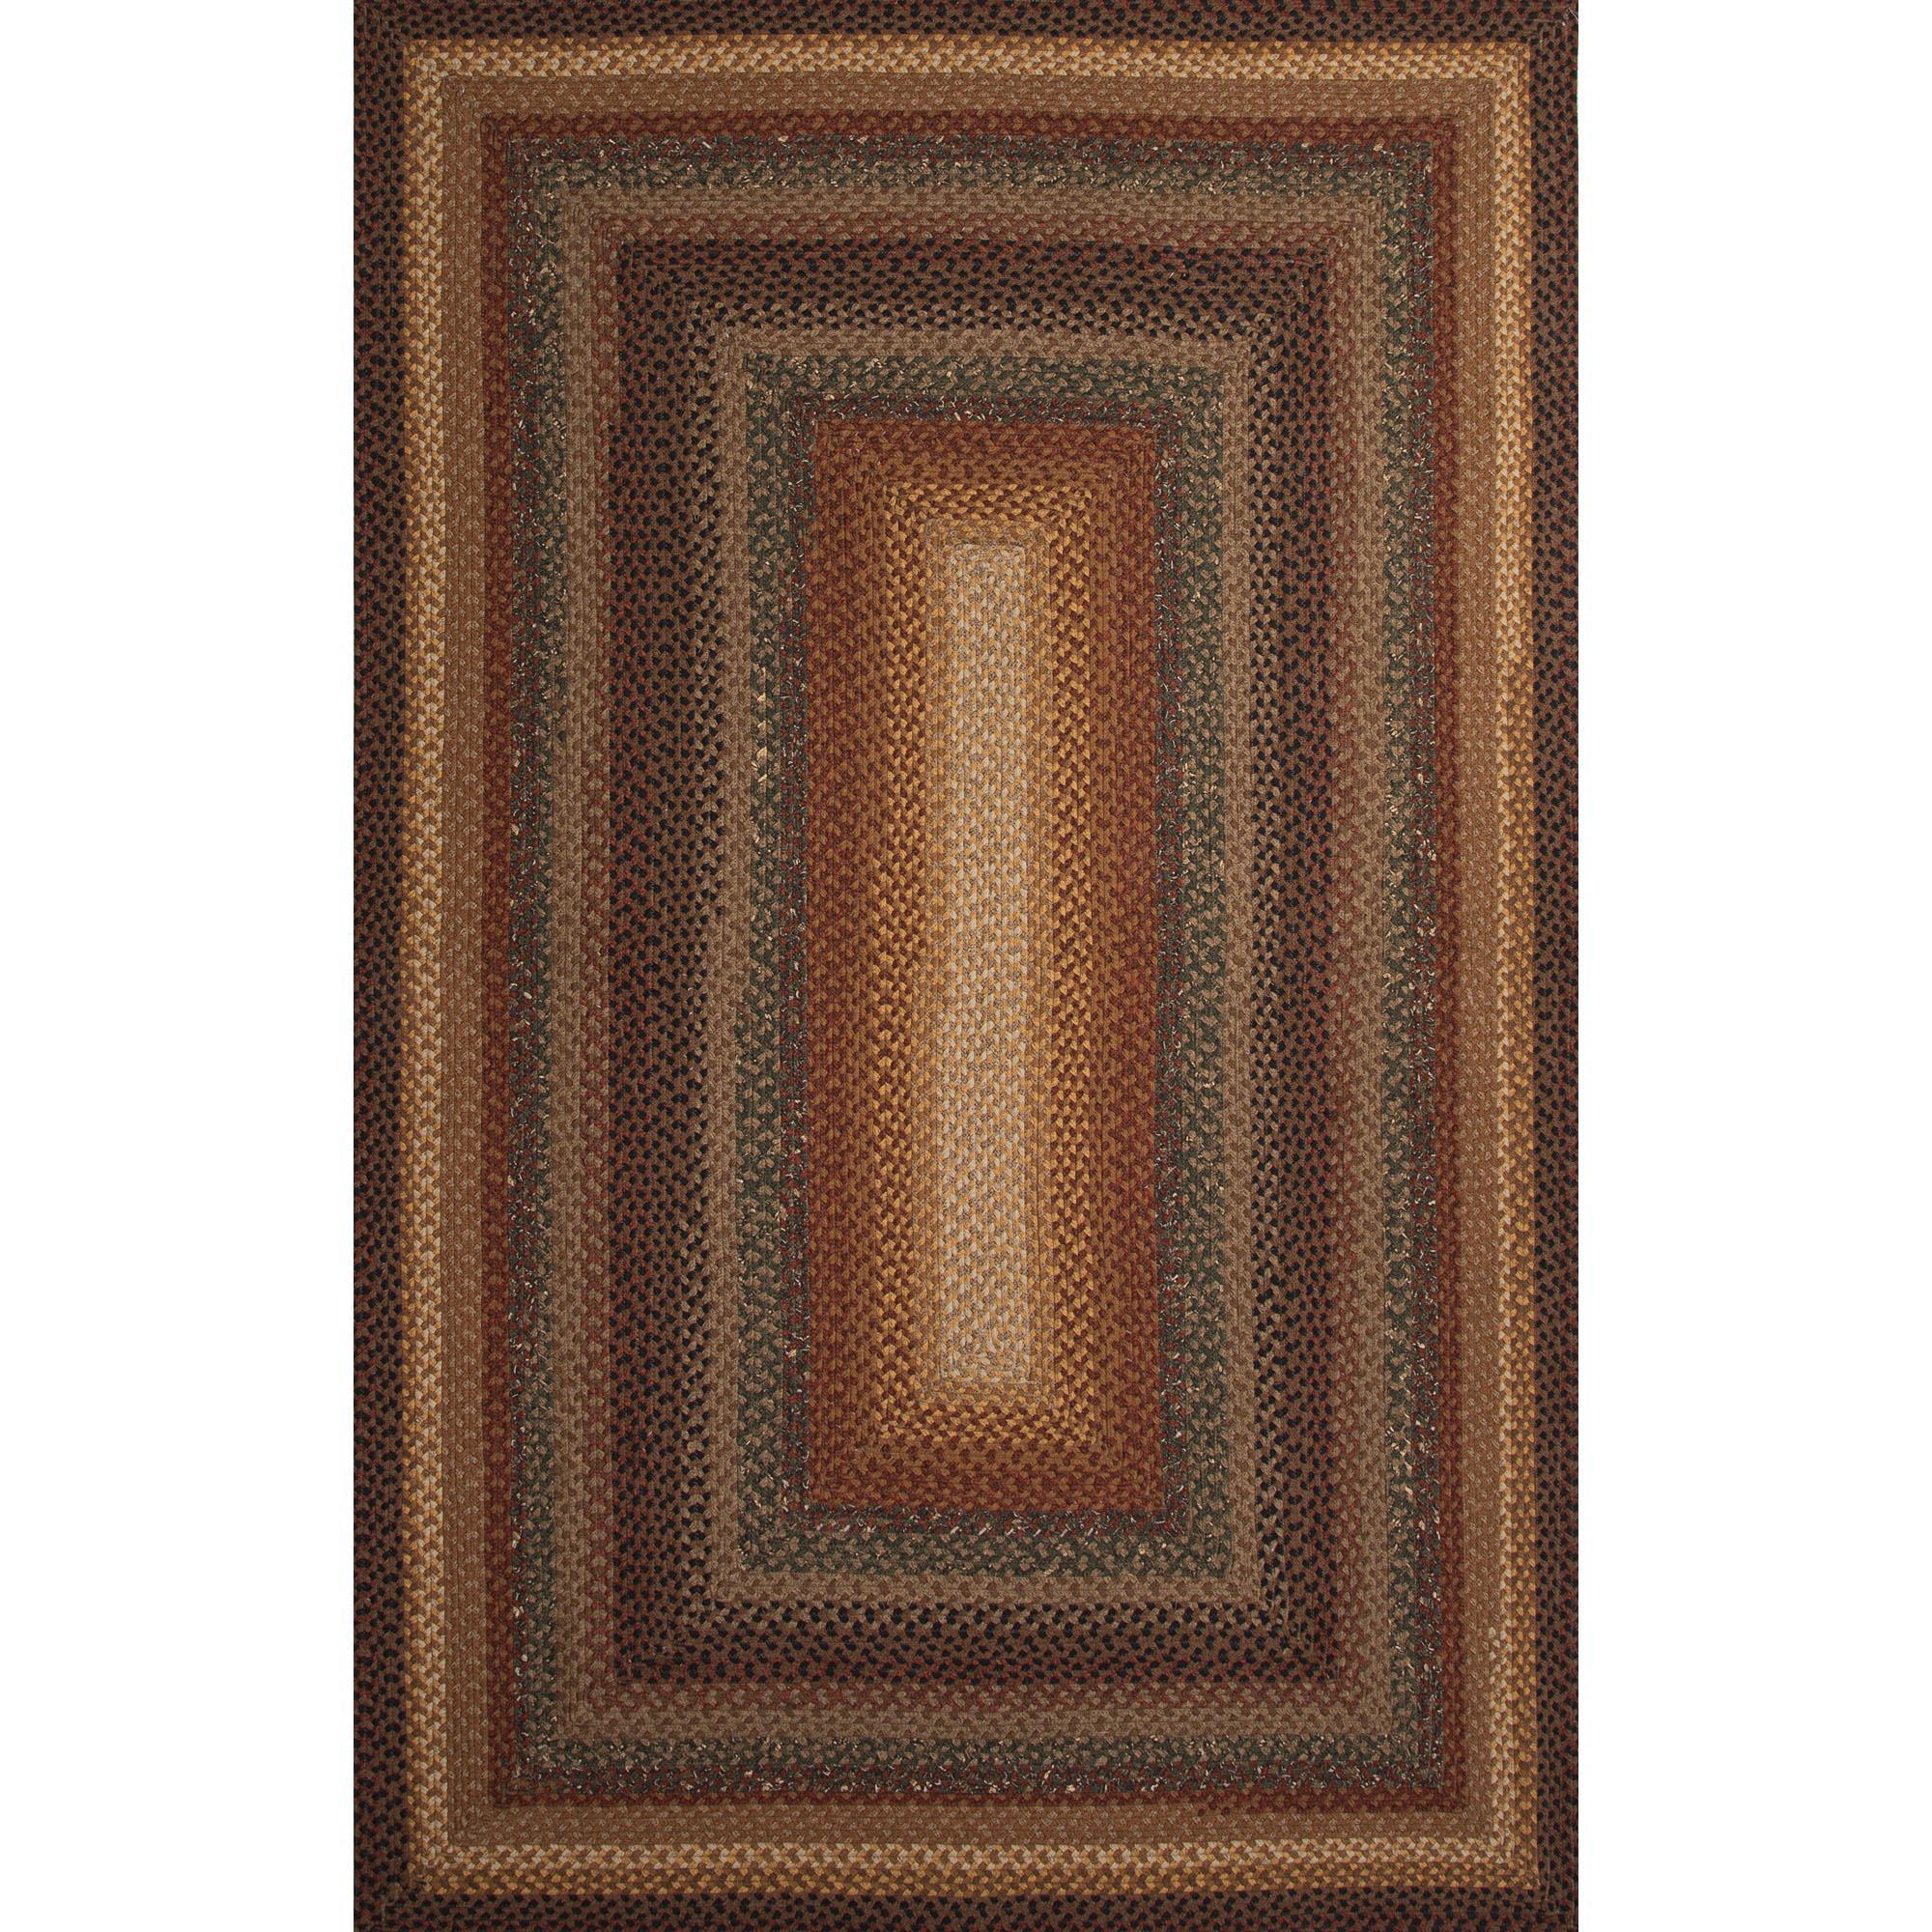 JAIPUR Rugs Cotton Braided Rugs 5 x 8 Rug - Item Number: RUG119611